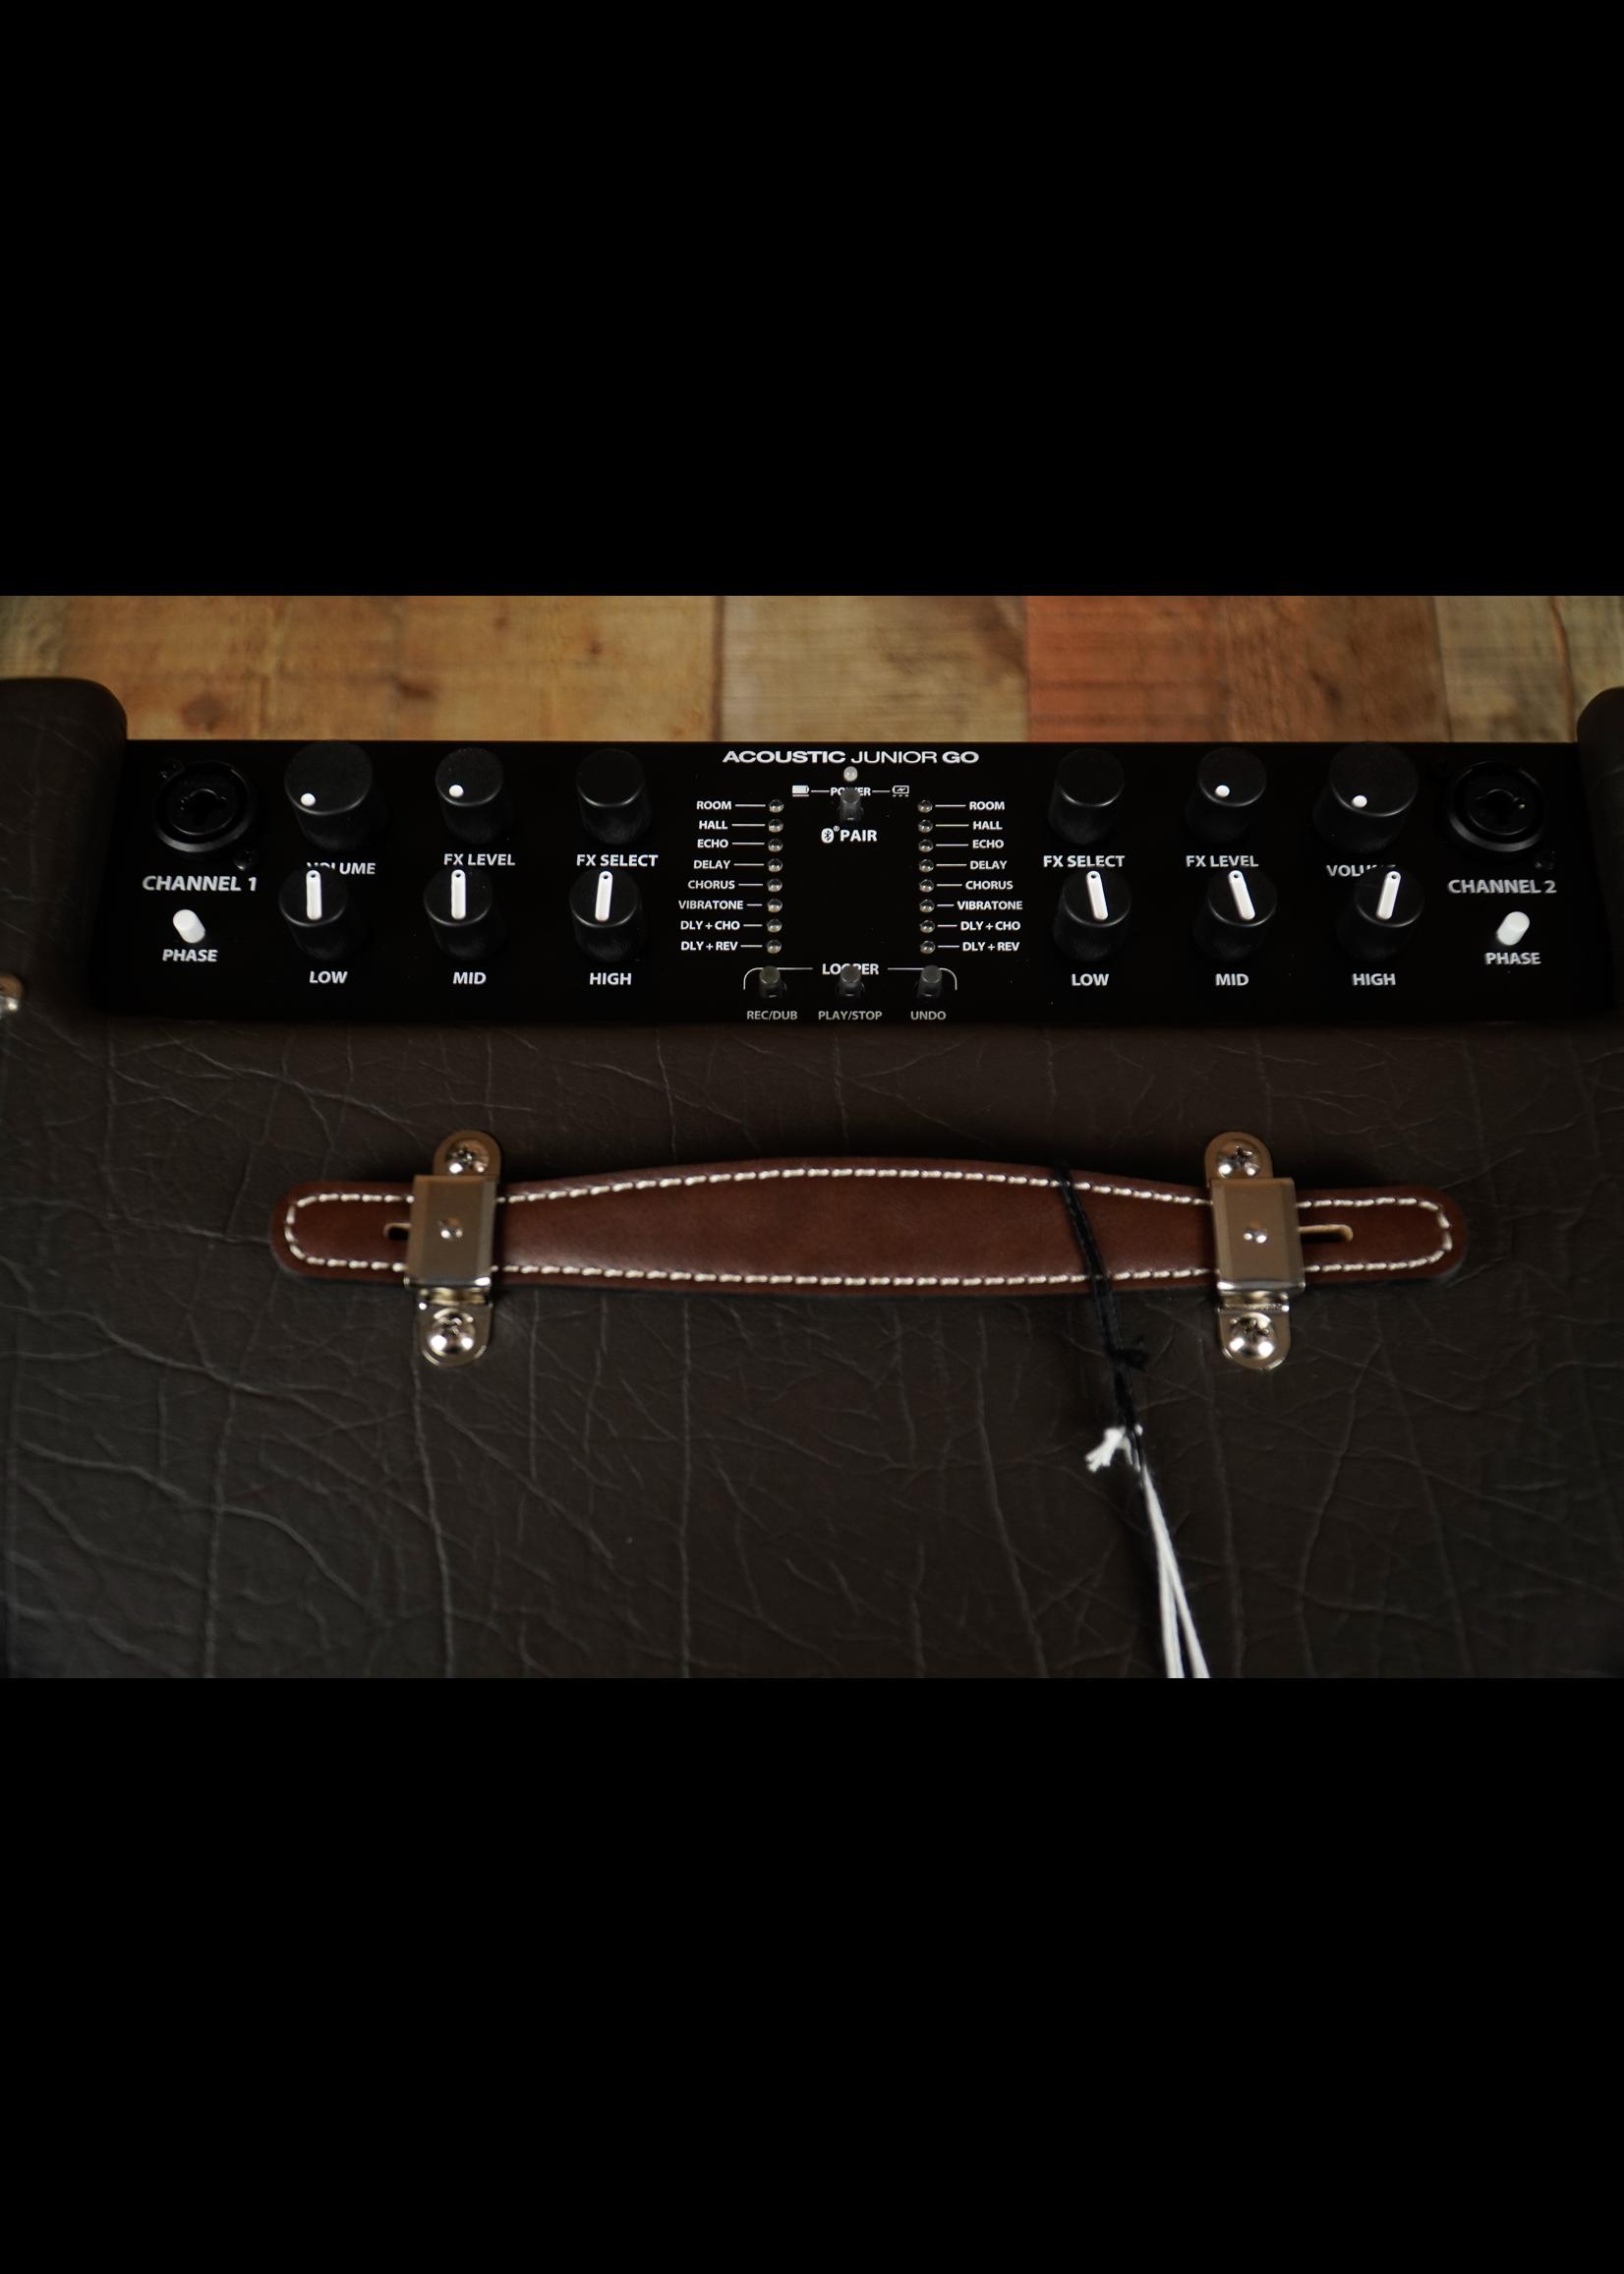 Fender Fender Acoustic Junior GO, 120V